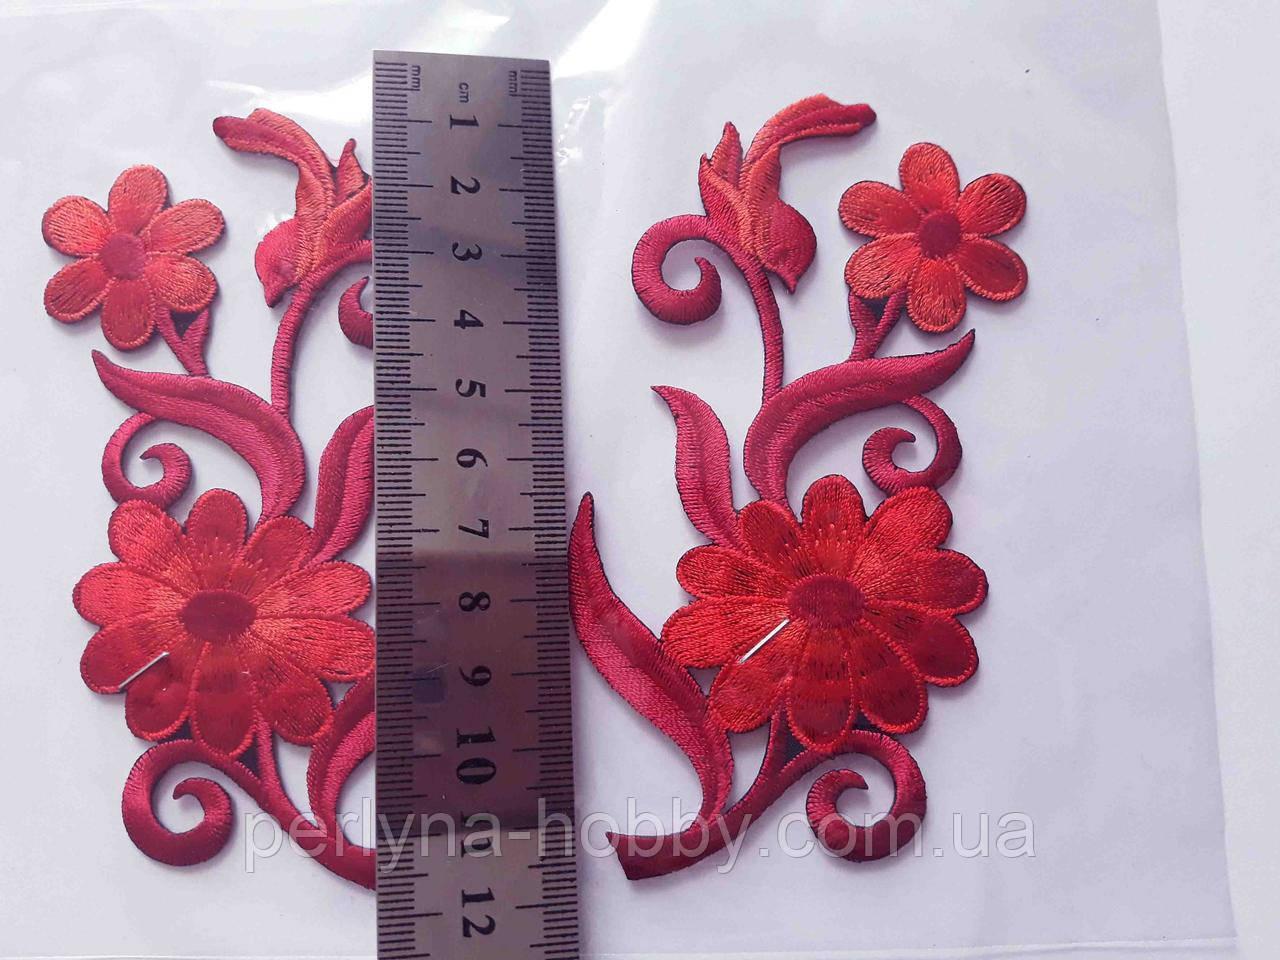 """Аплікація вишивка клейові парні """"Квіти"""", 12 см, червона, 1 пара аппликация клеевая, термоаппликации"""